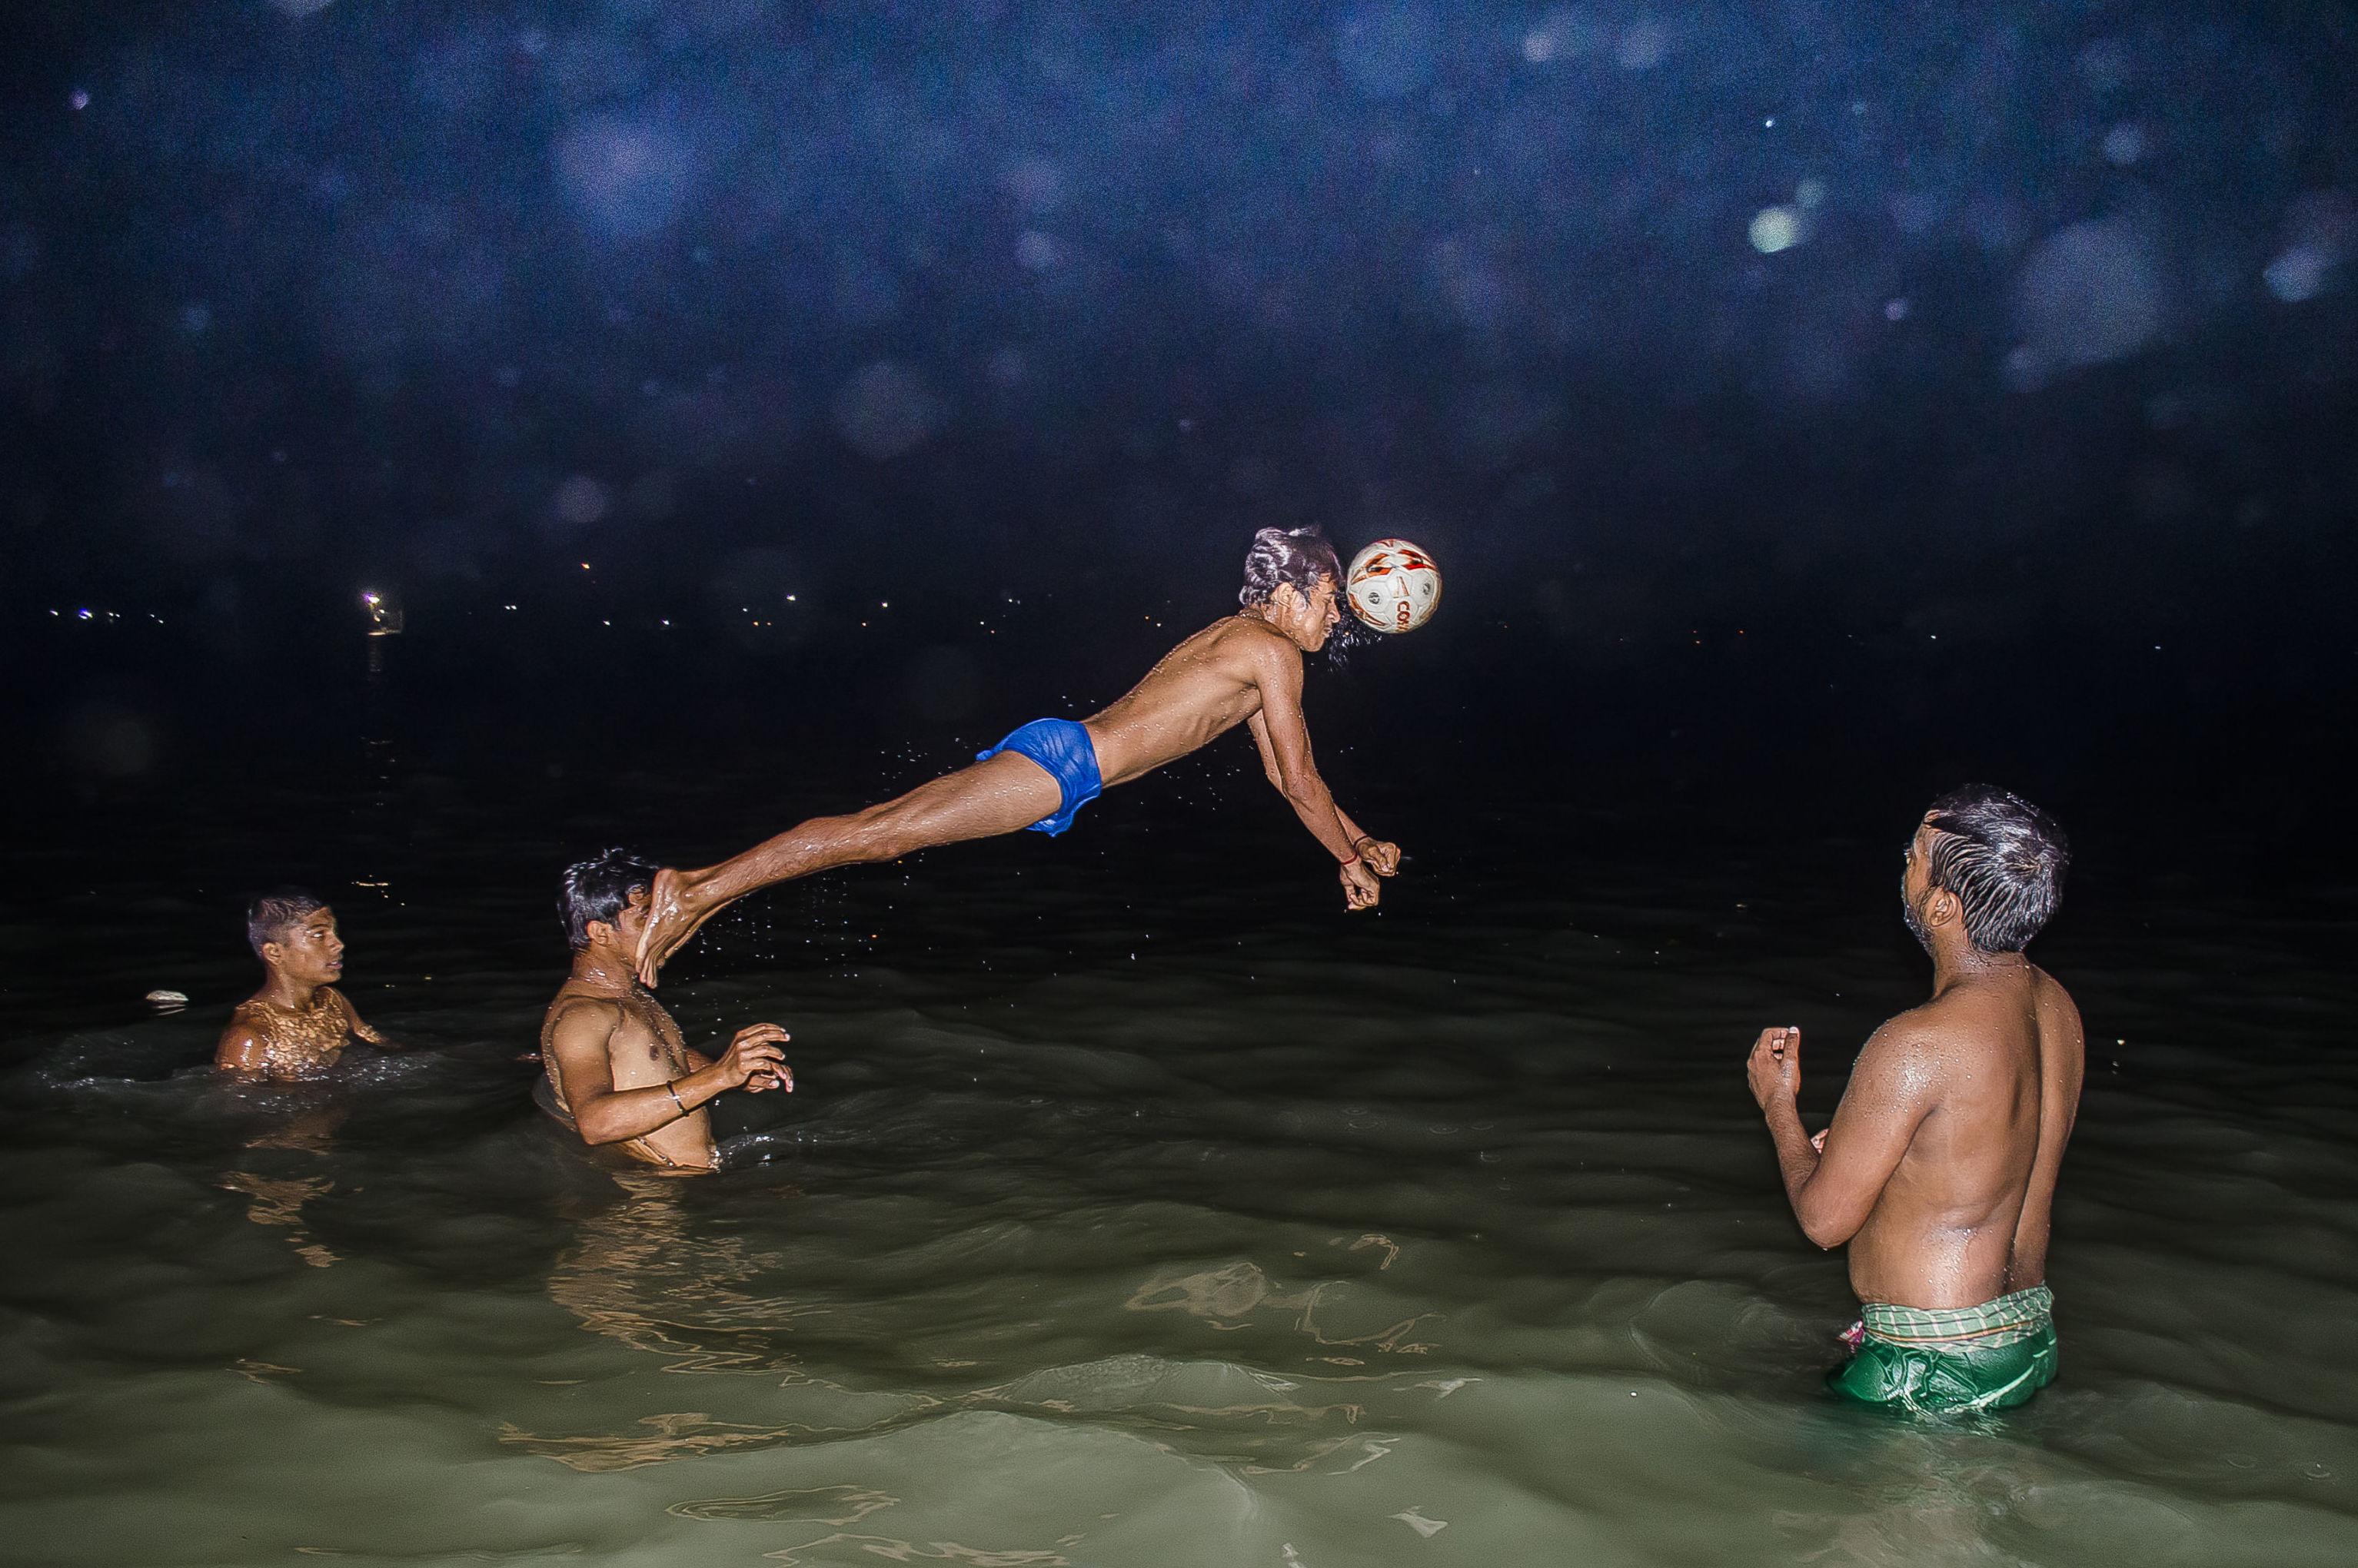 'Momento decesivo en la partida de polo acuático' por Ayanava Sil, la India. Primer puesto en la categoría 'Deporte'